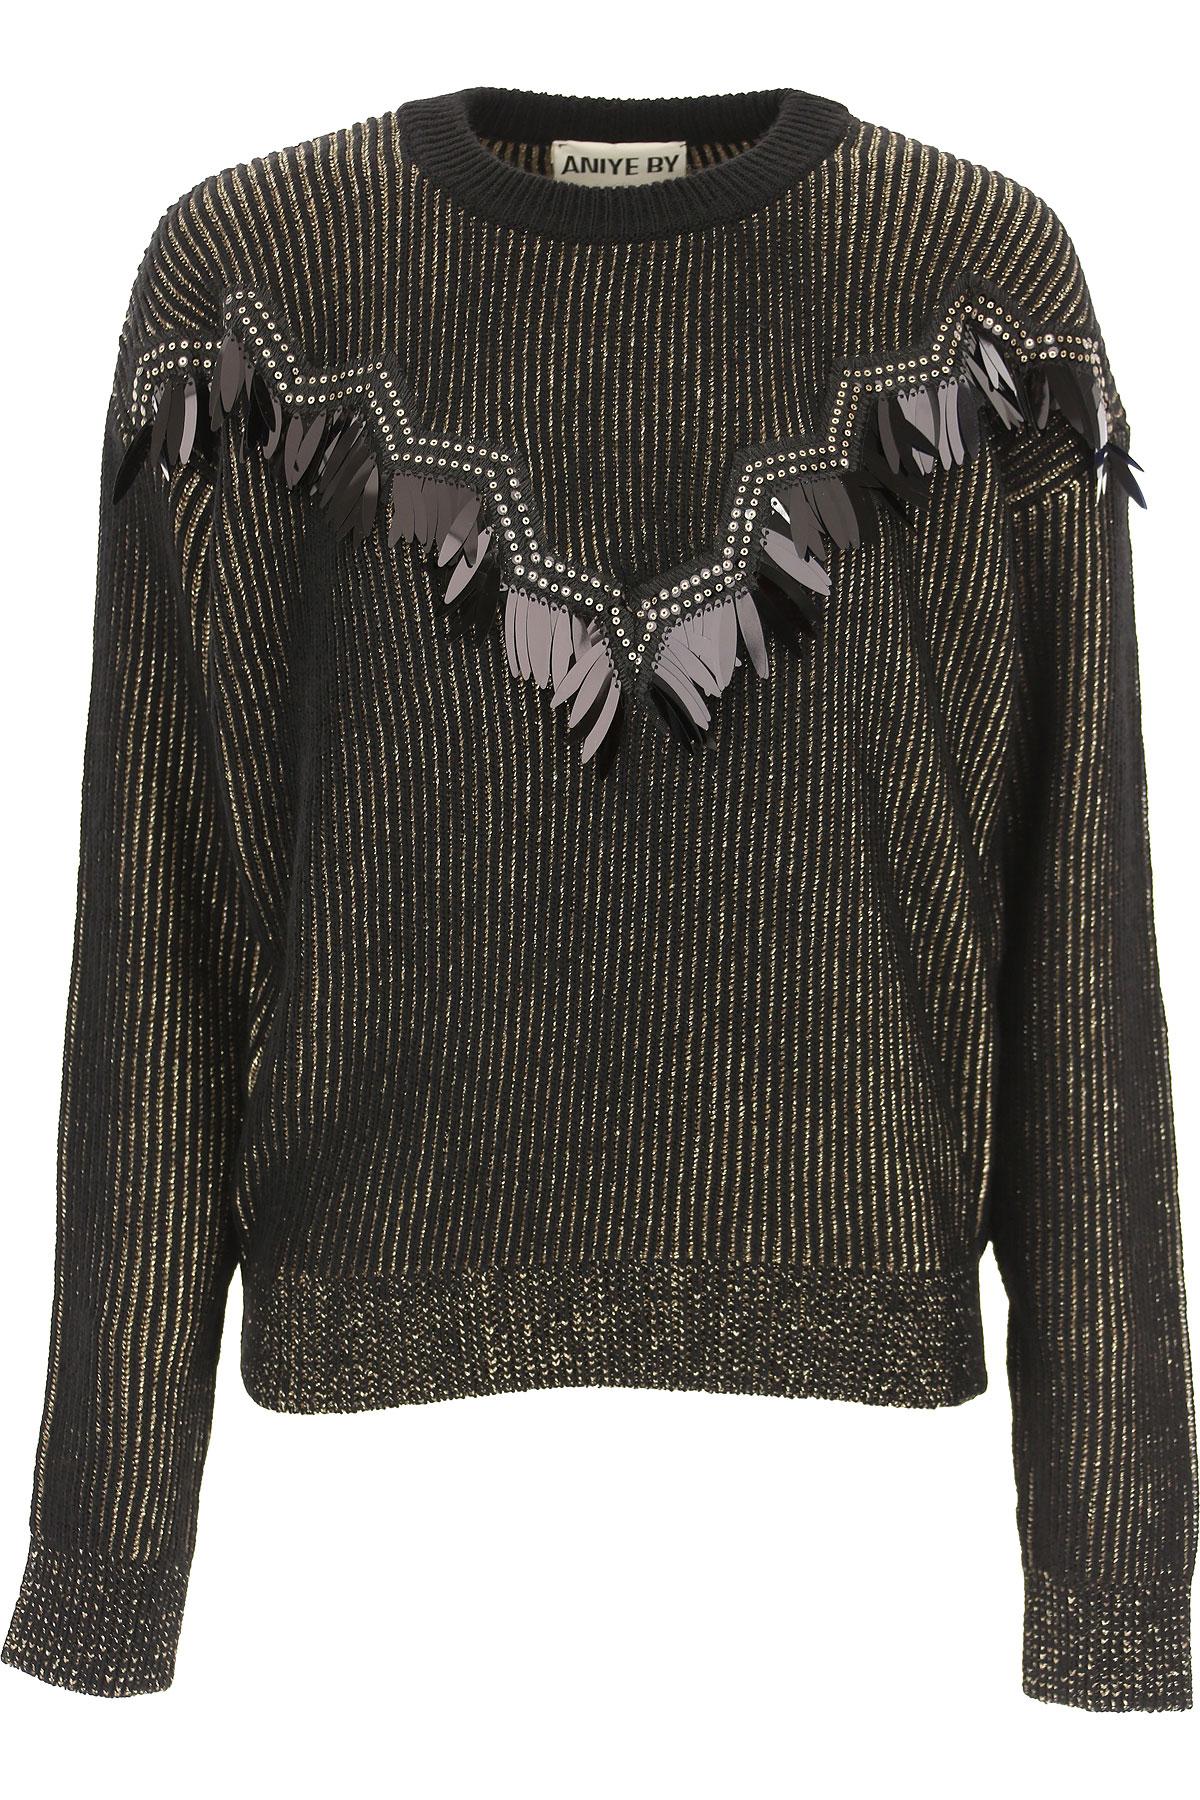 Aniye By Sweater for Women Jumper On Sale, Black, viscosa, 2019, 2 4 6